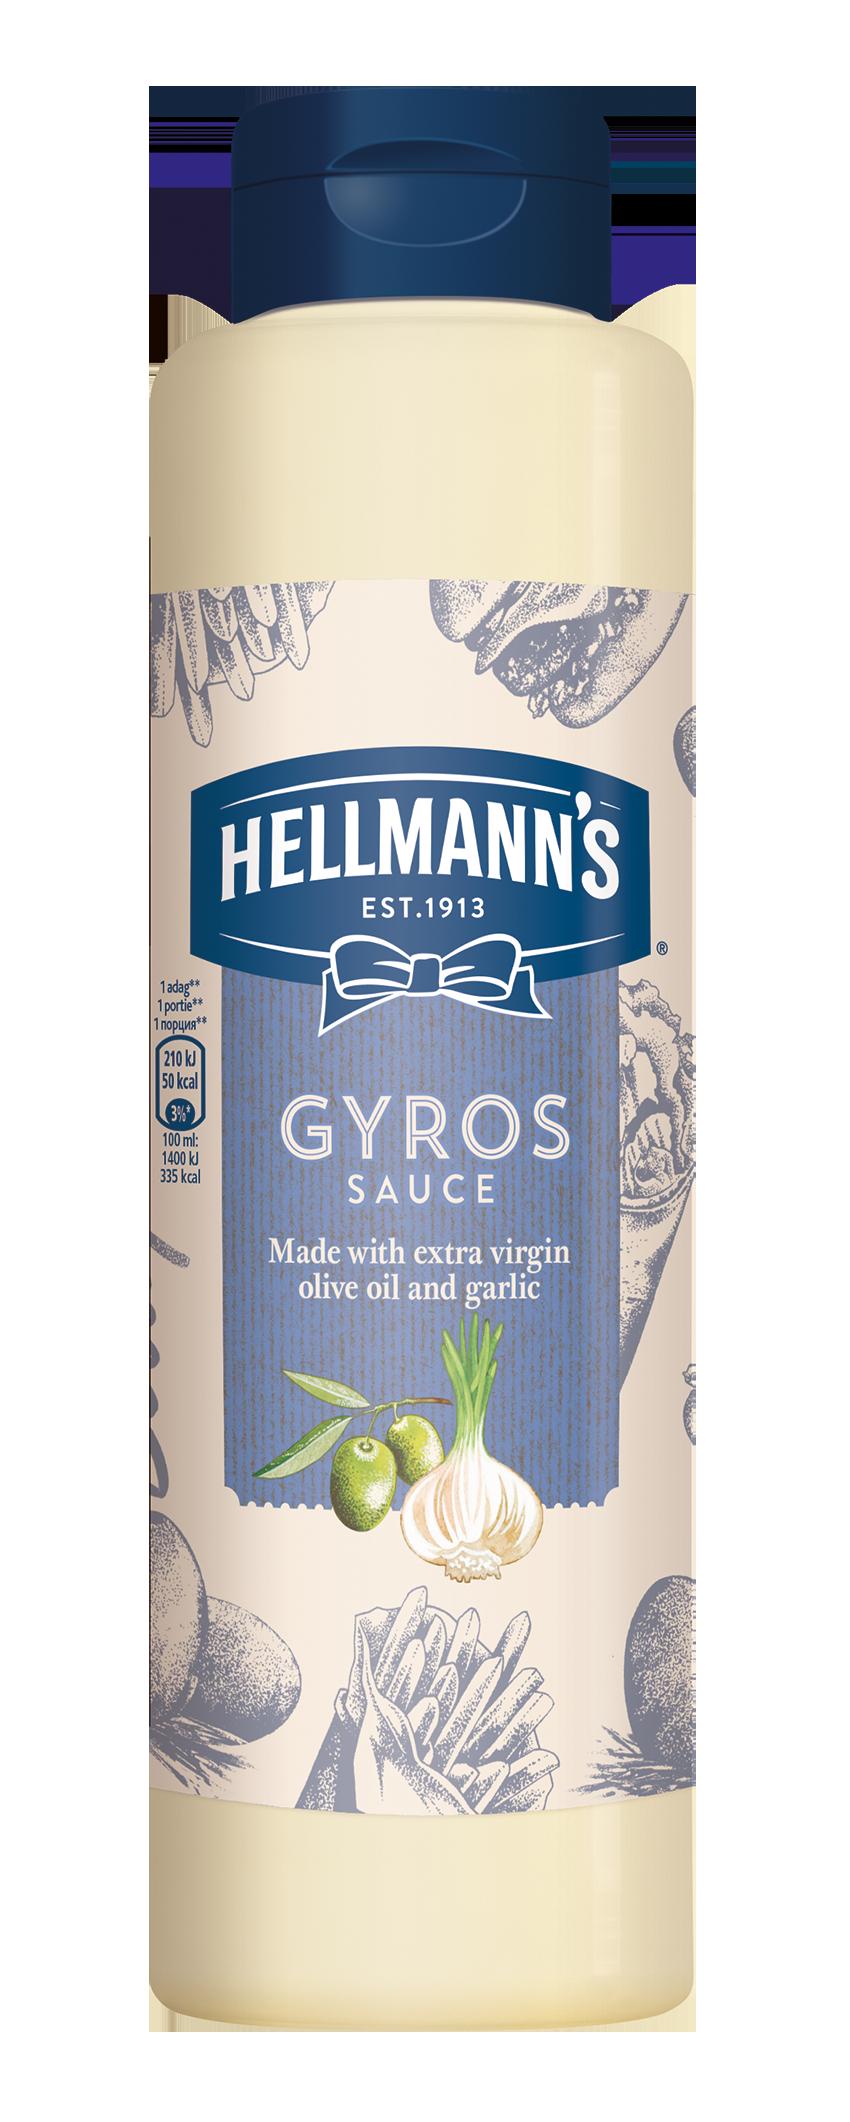 HELLMANN'S Gyros szósz 850 ml -  Minőségi márkájú termék felszolgálása pozitív benyomást kelt a vendégekben.